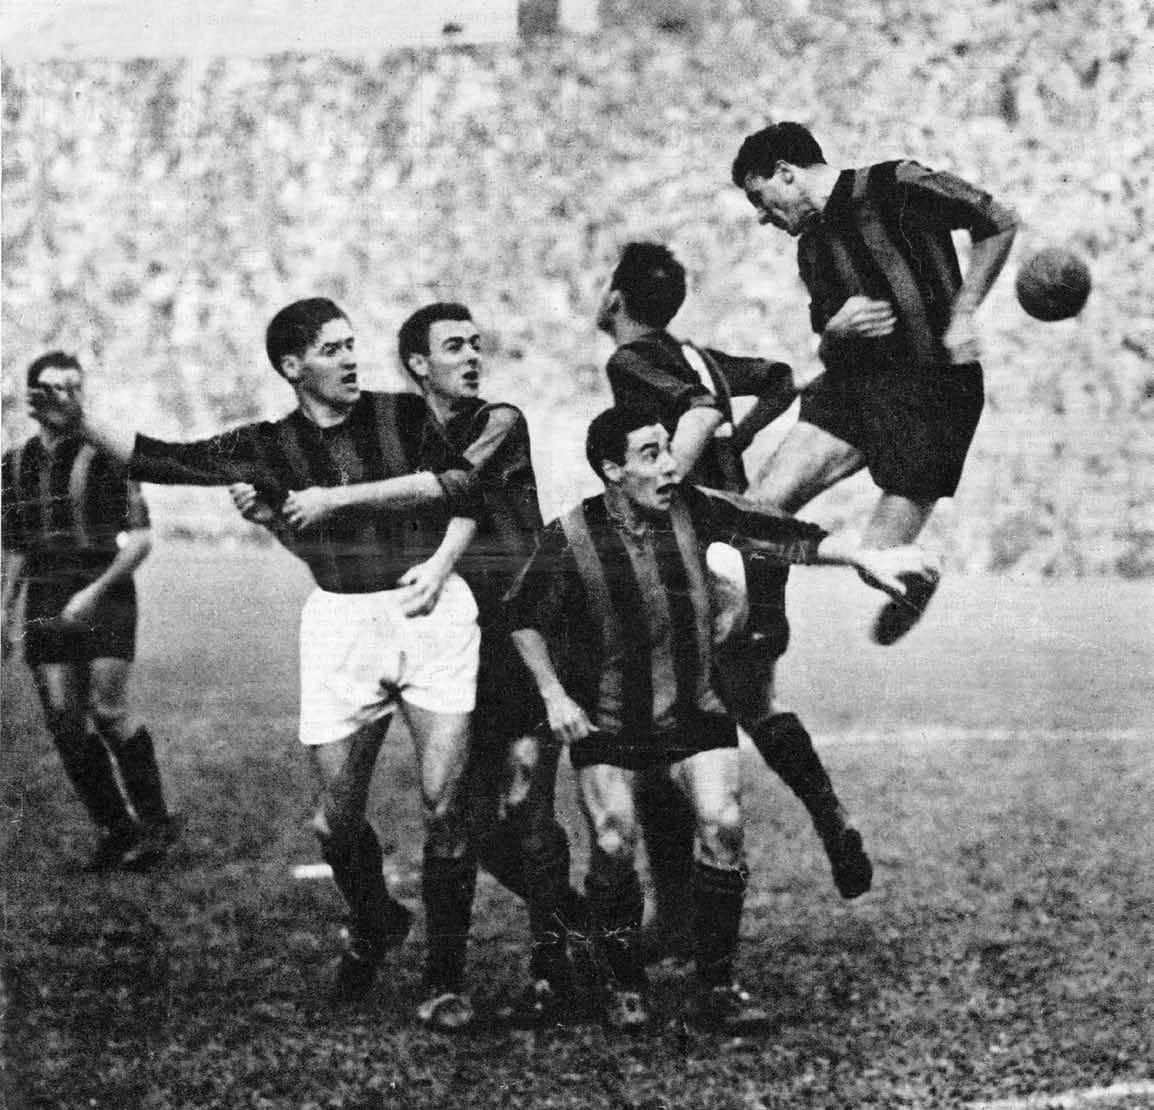 PARTITA CON PIÙ GOL: 11, Inter-Milan 6-5 del 6 novembre 1949